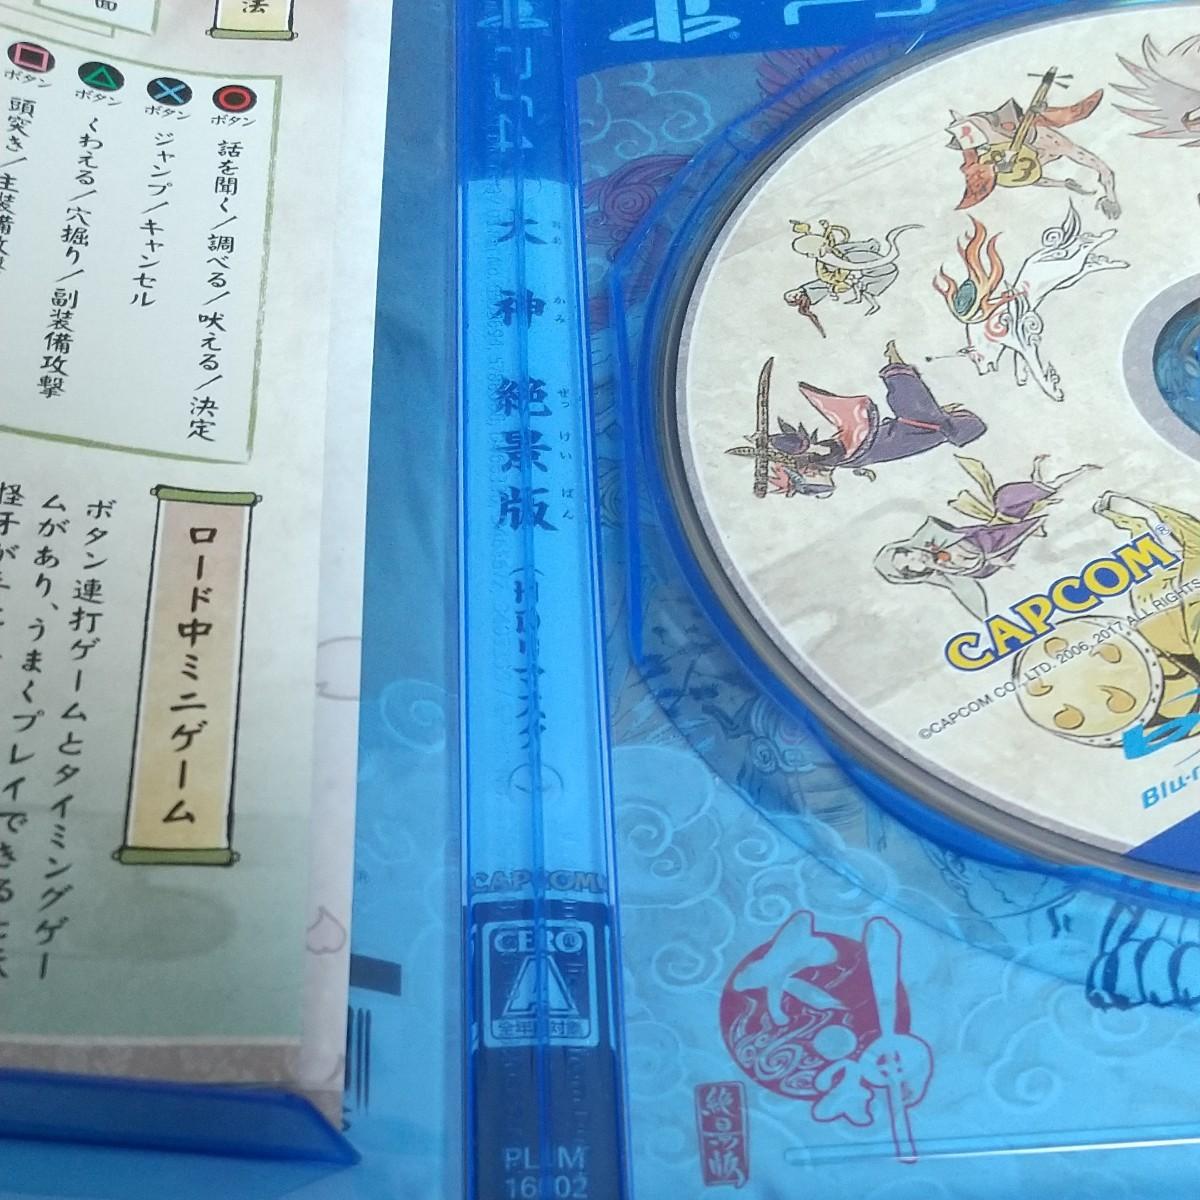 【PS4】 大神 絶景版 [通常版]